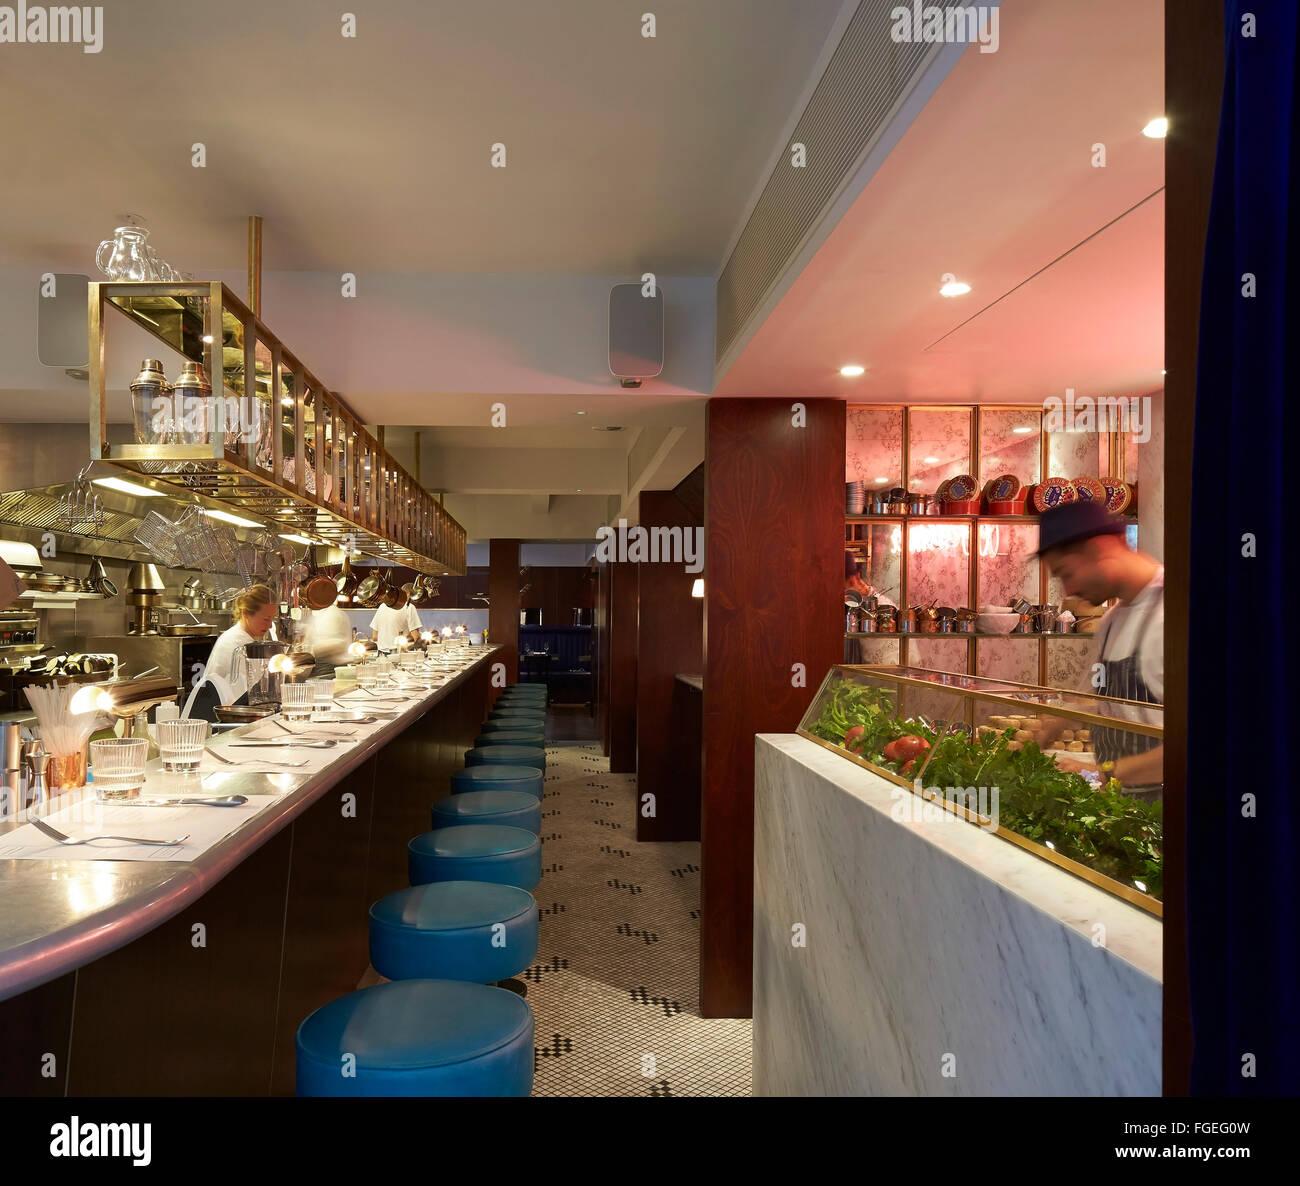 Una cucina aperta con banco bar salotto e lo chef all\'opera. Il ...